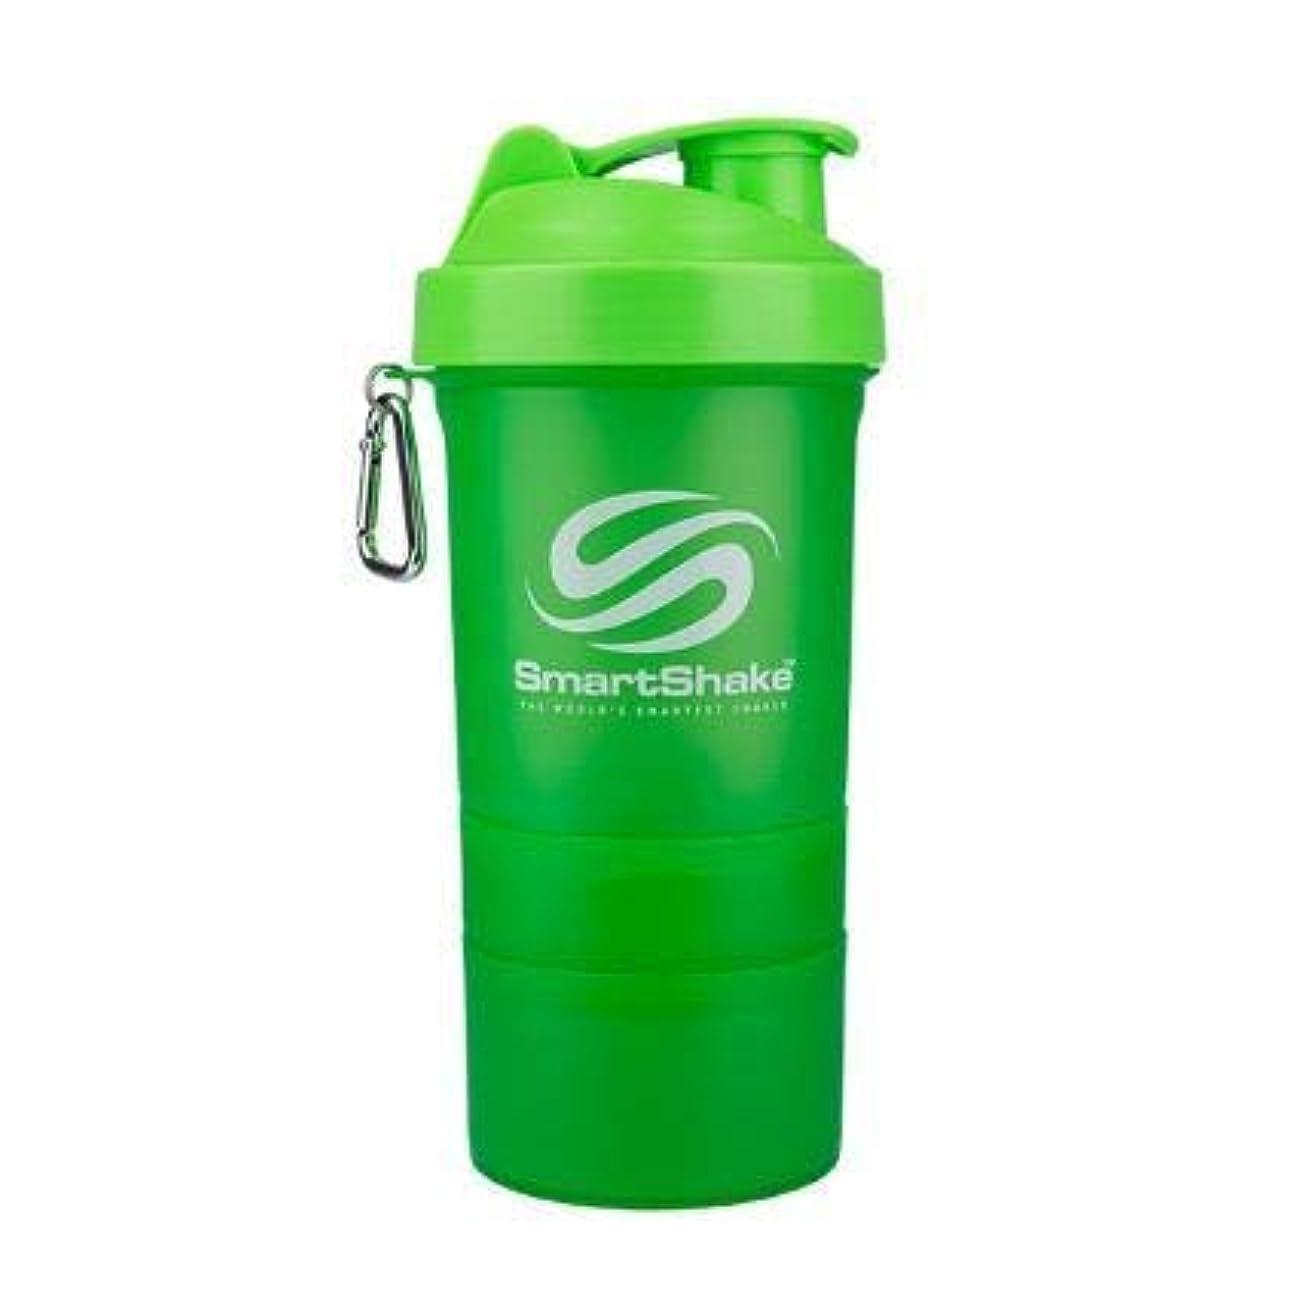 行商人認める弱めるSmartshake英国株式会社Smartshake Smartshakeボトル-ネオングリーン1×600ミリリットル(それ)